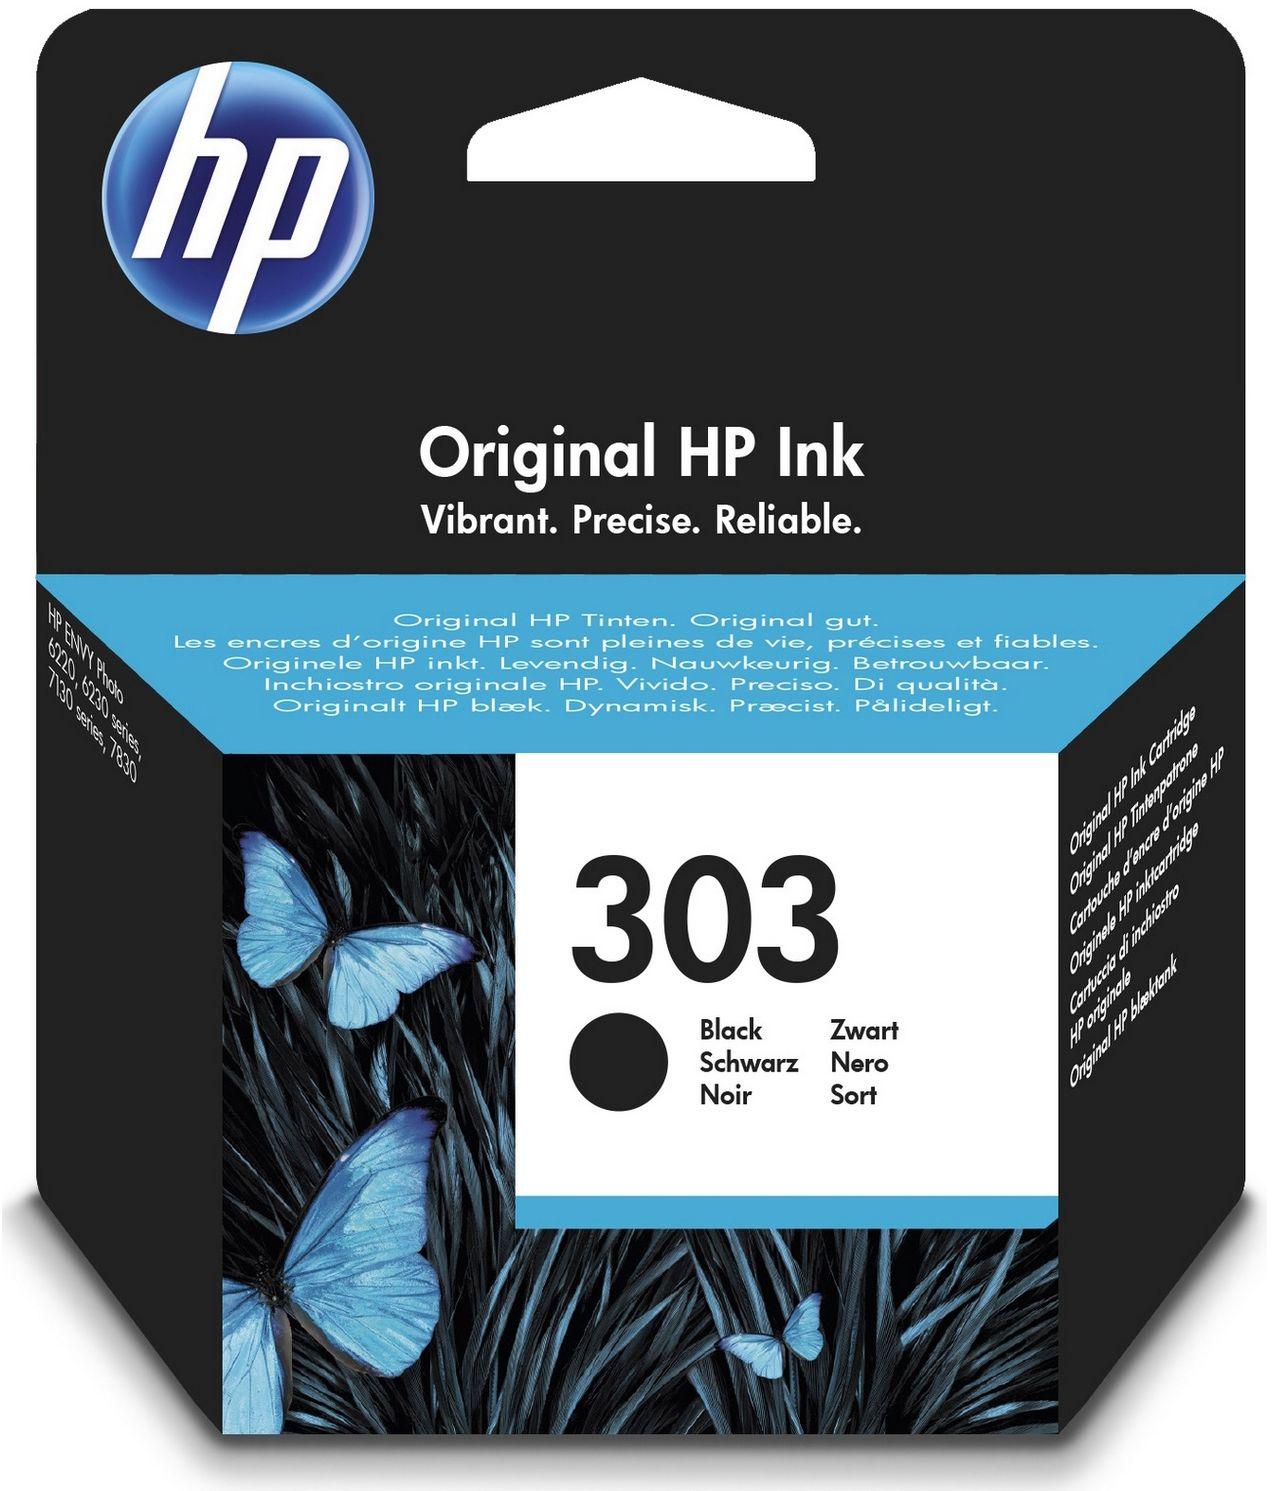 HP 303 Black Ink Cartridge